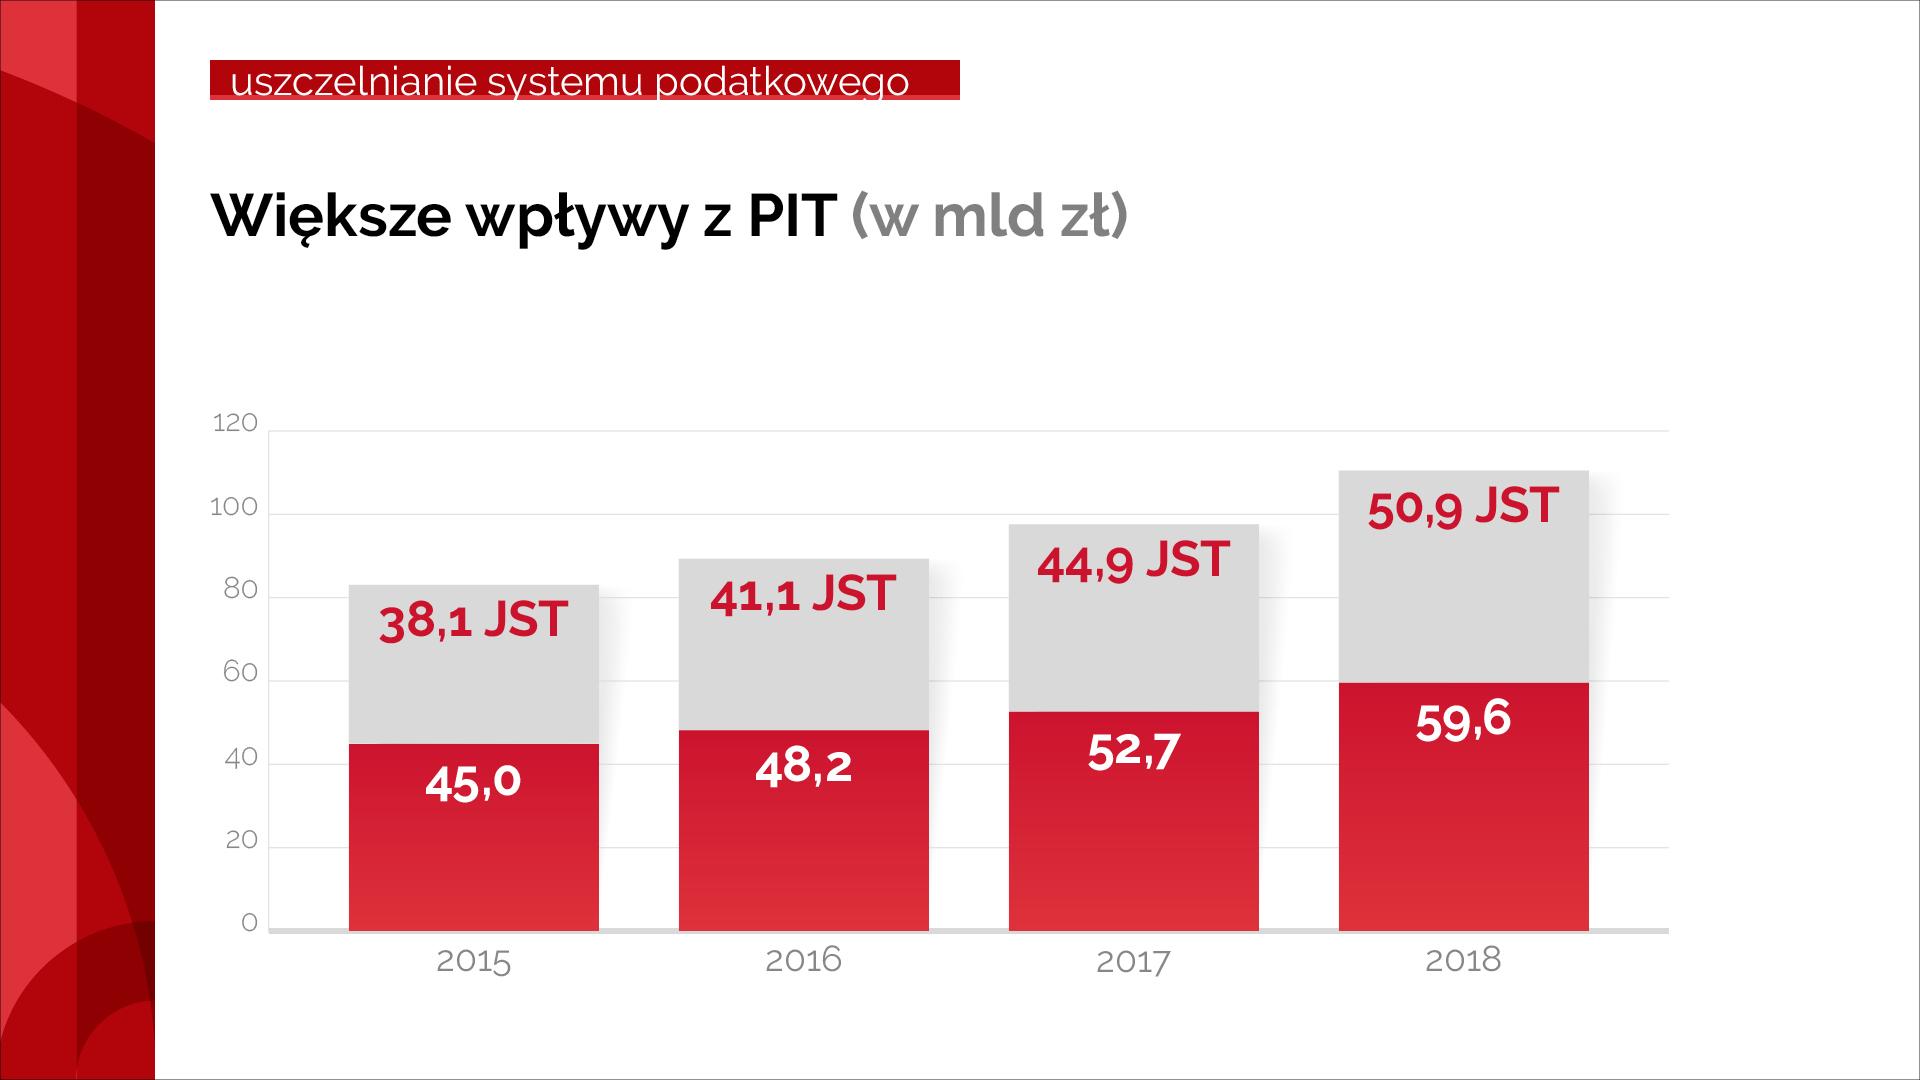 Wykres pokazujący wzrost wpływów z PIT od 2015 r. do 2018 r.